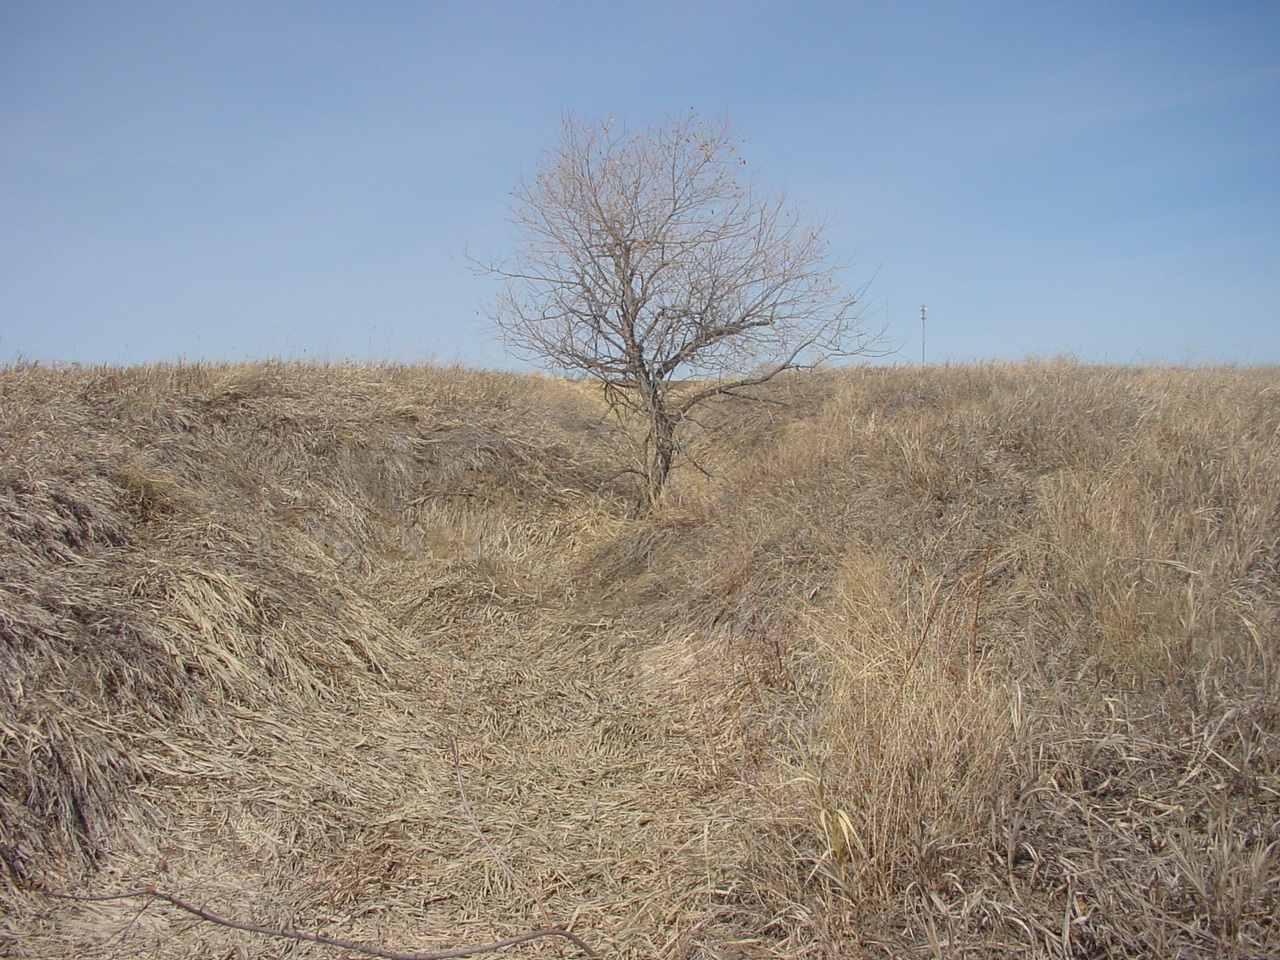 Tree still dormant in early spring